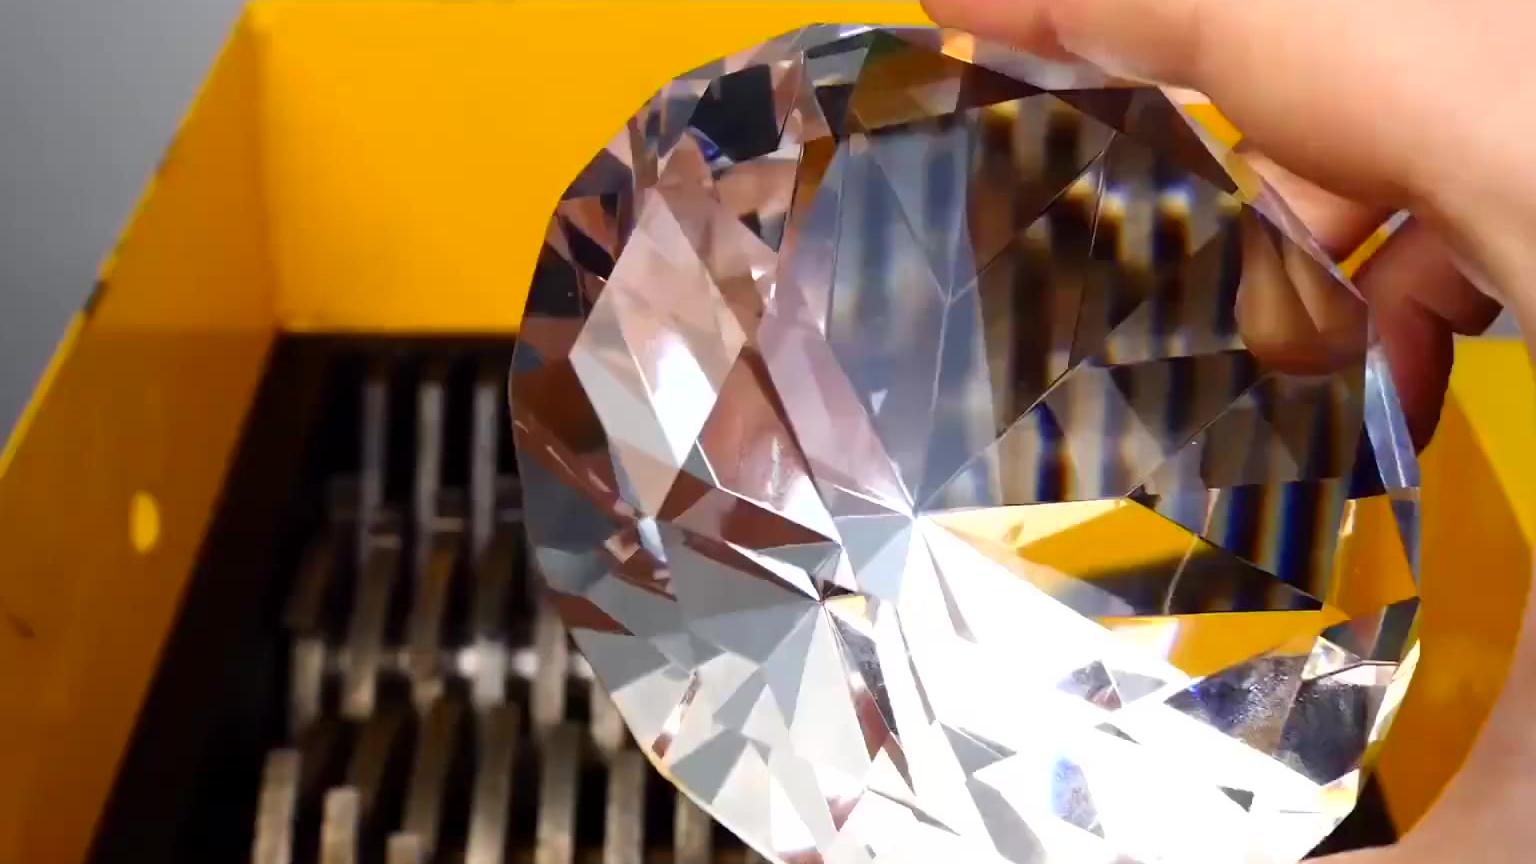 粉碎机VS钻石,钻石会变成什么样